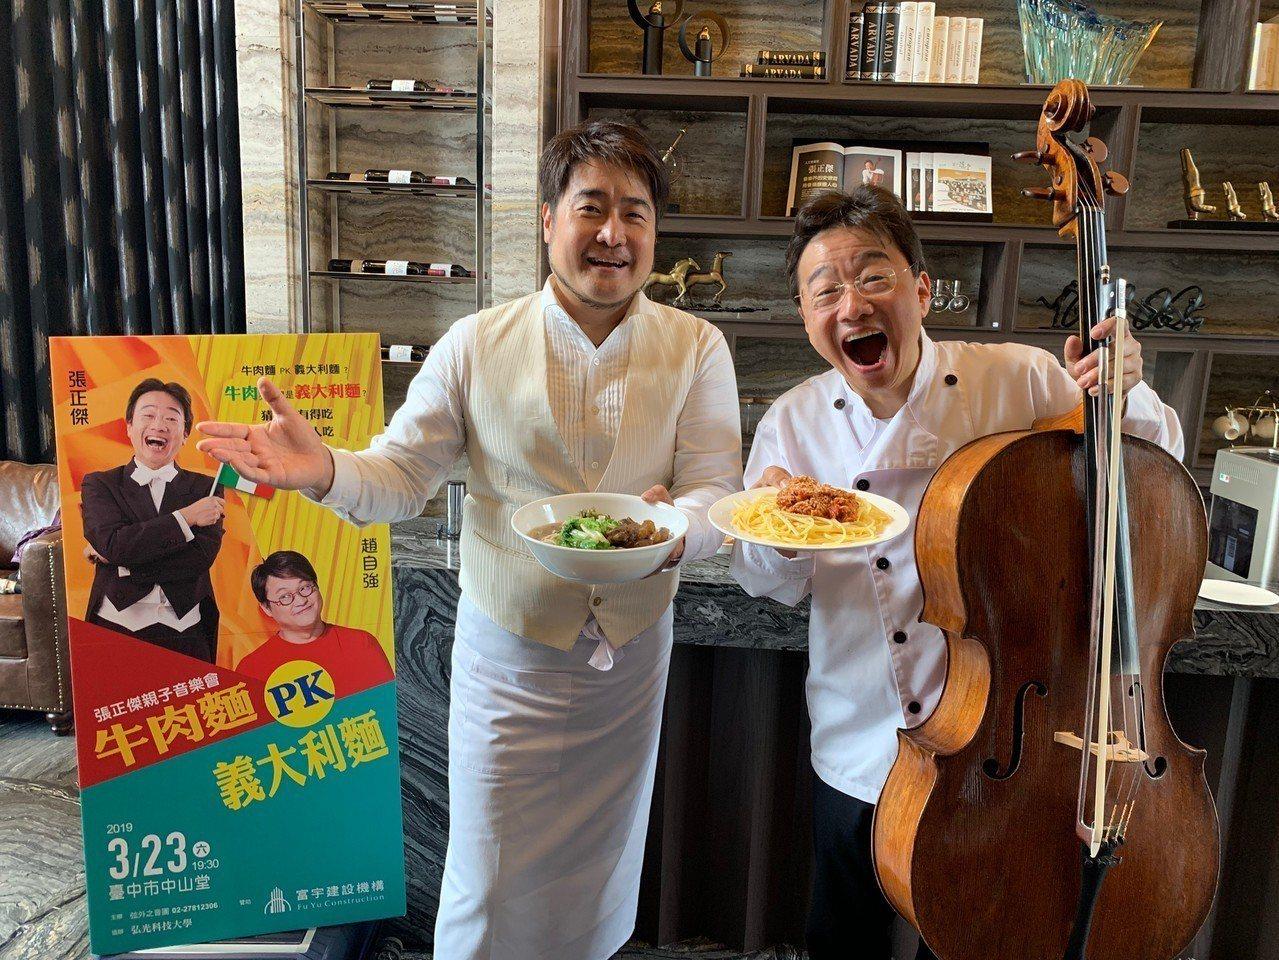 大提琴家張正傑(右)、男高音劉成華(左)以美食介紹古典音樂,台中場是「義大利麵P...